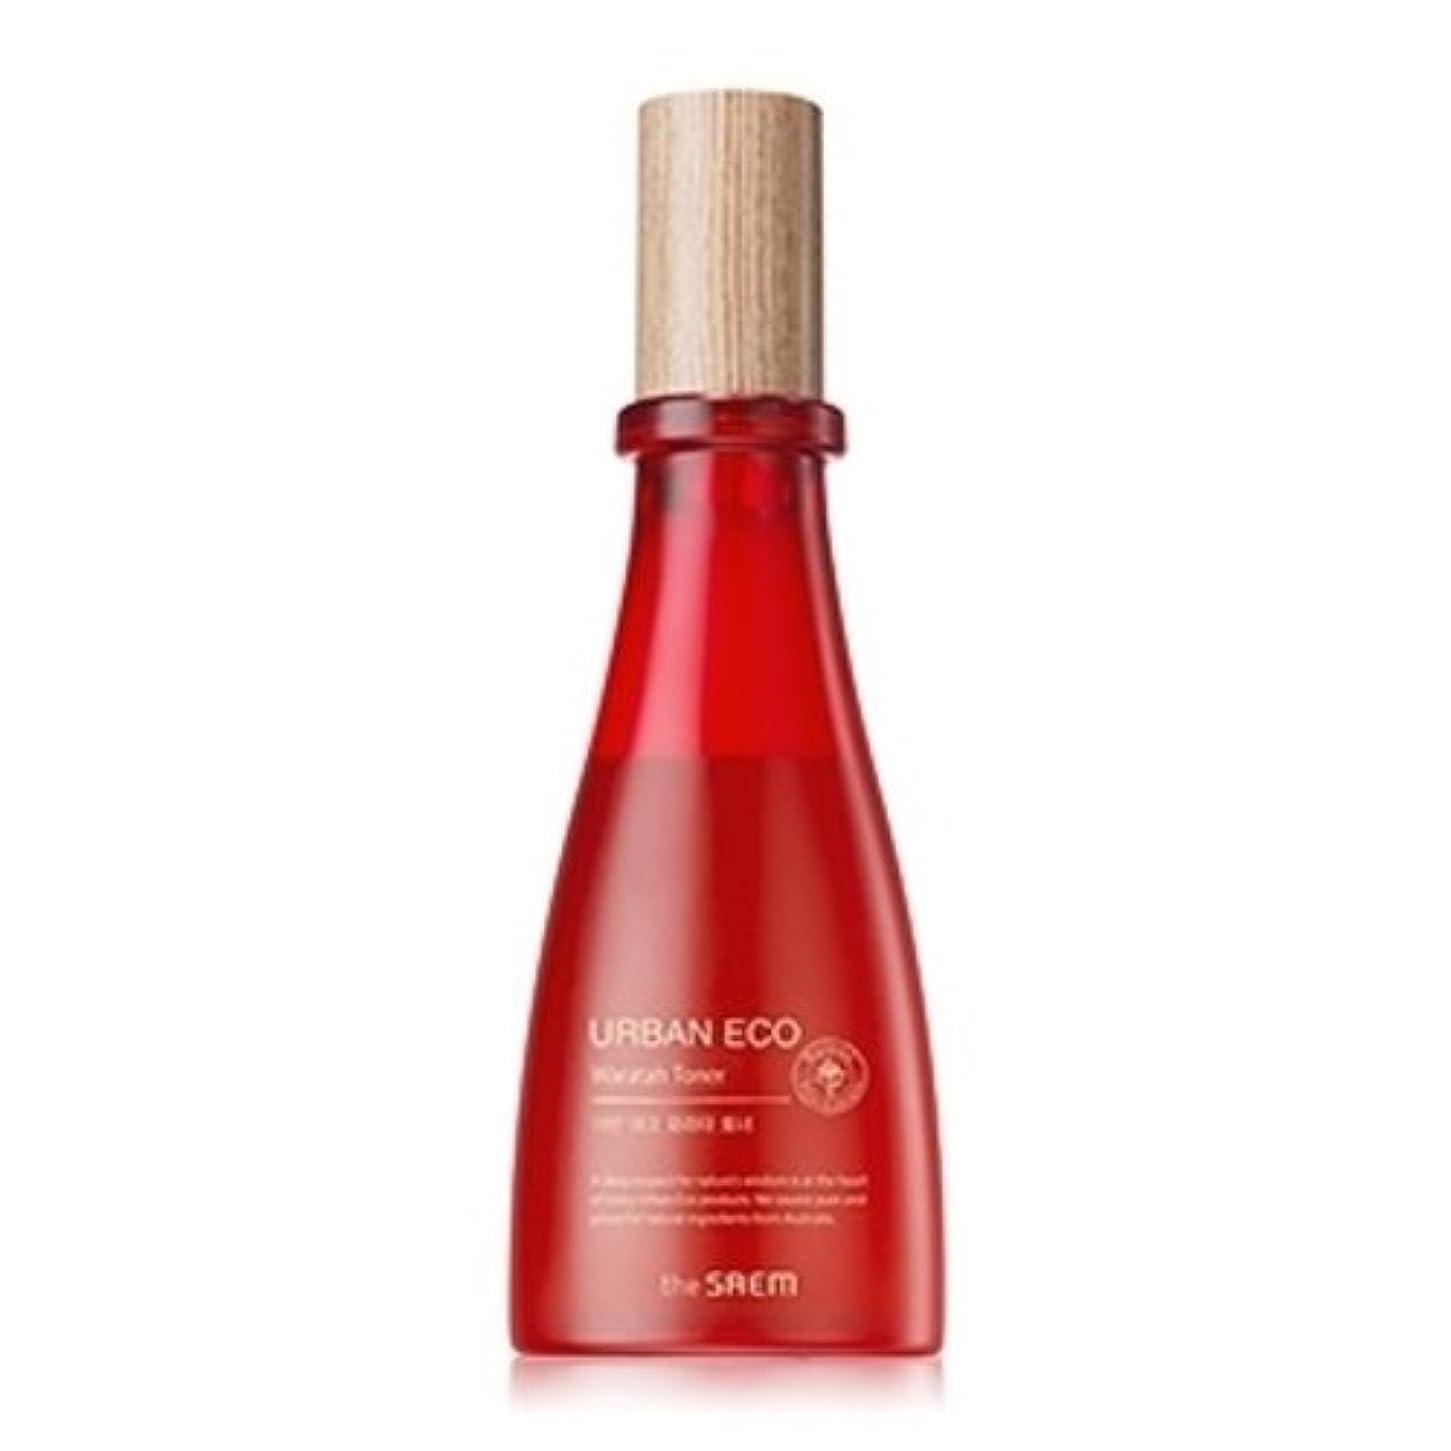 感謝している維持香ばしいザセム(THESAEM) アーバンエコワラタトナー化粧水 Urban Eco Waratah Toner 180ml [並行輸入品]